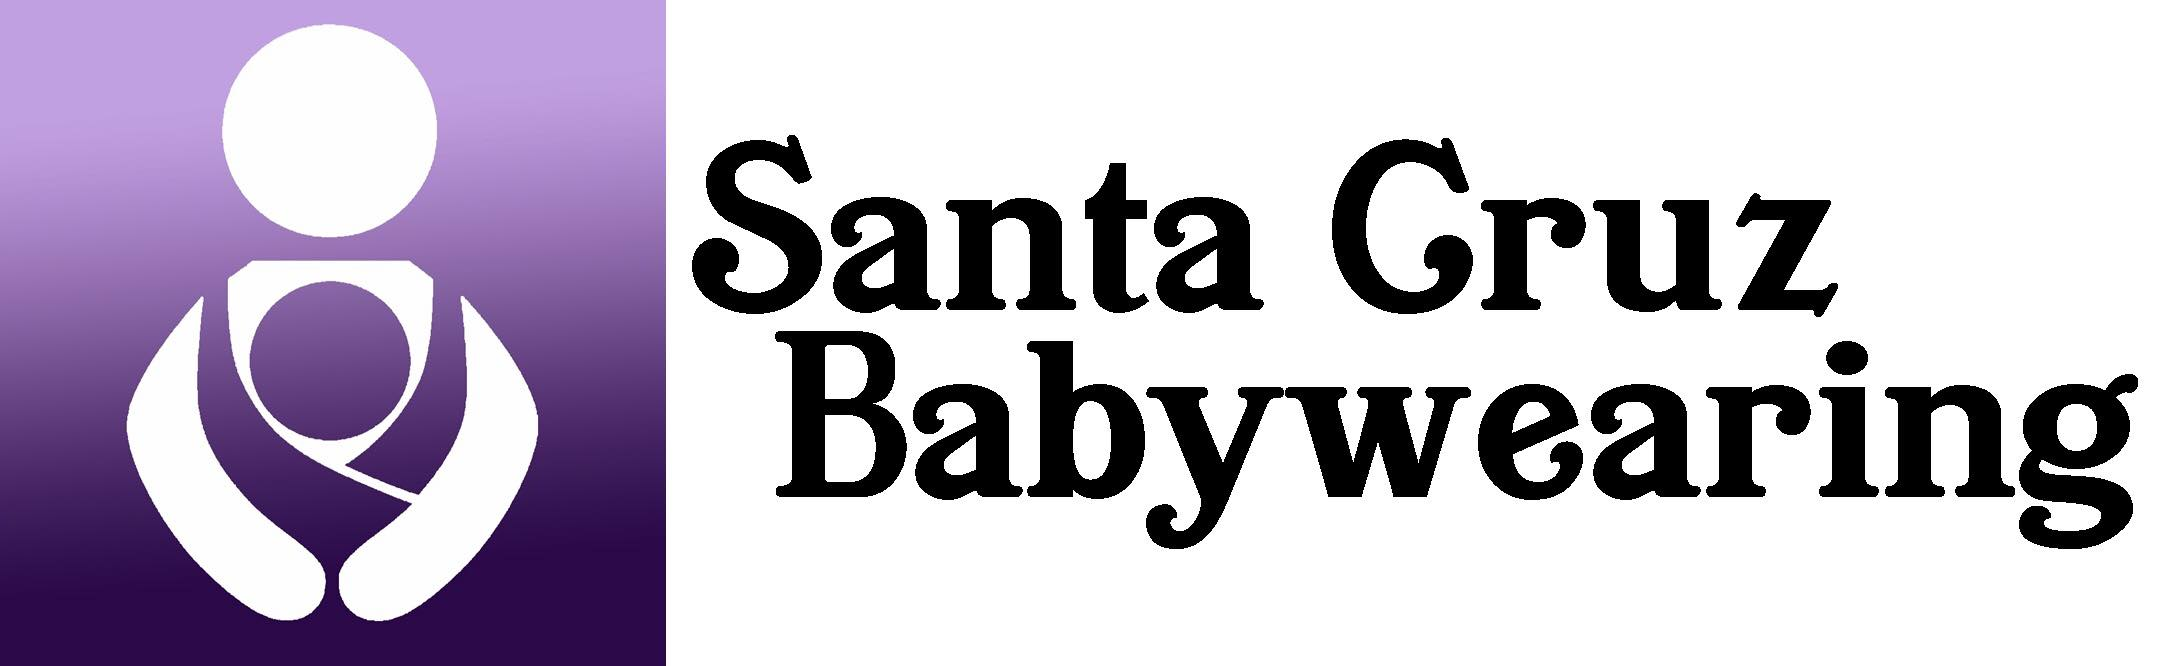 santa cruz baby wearing logo